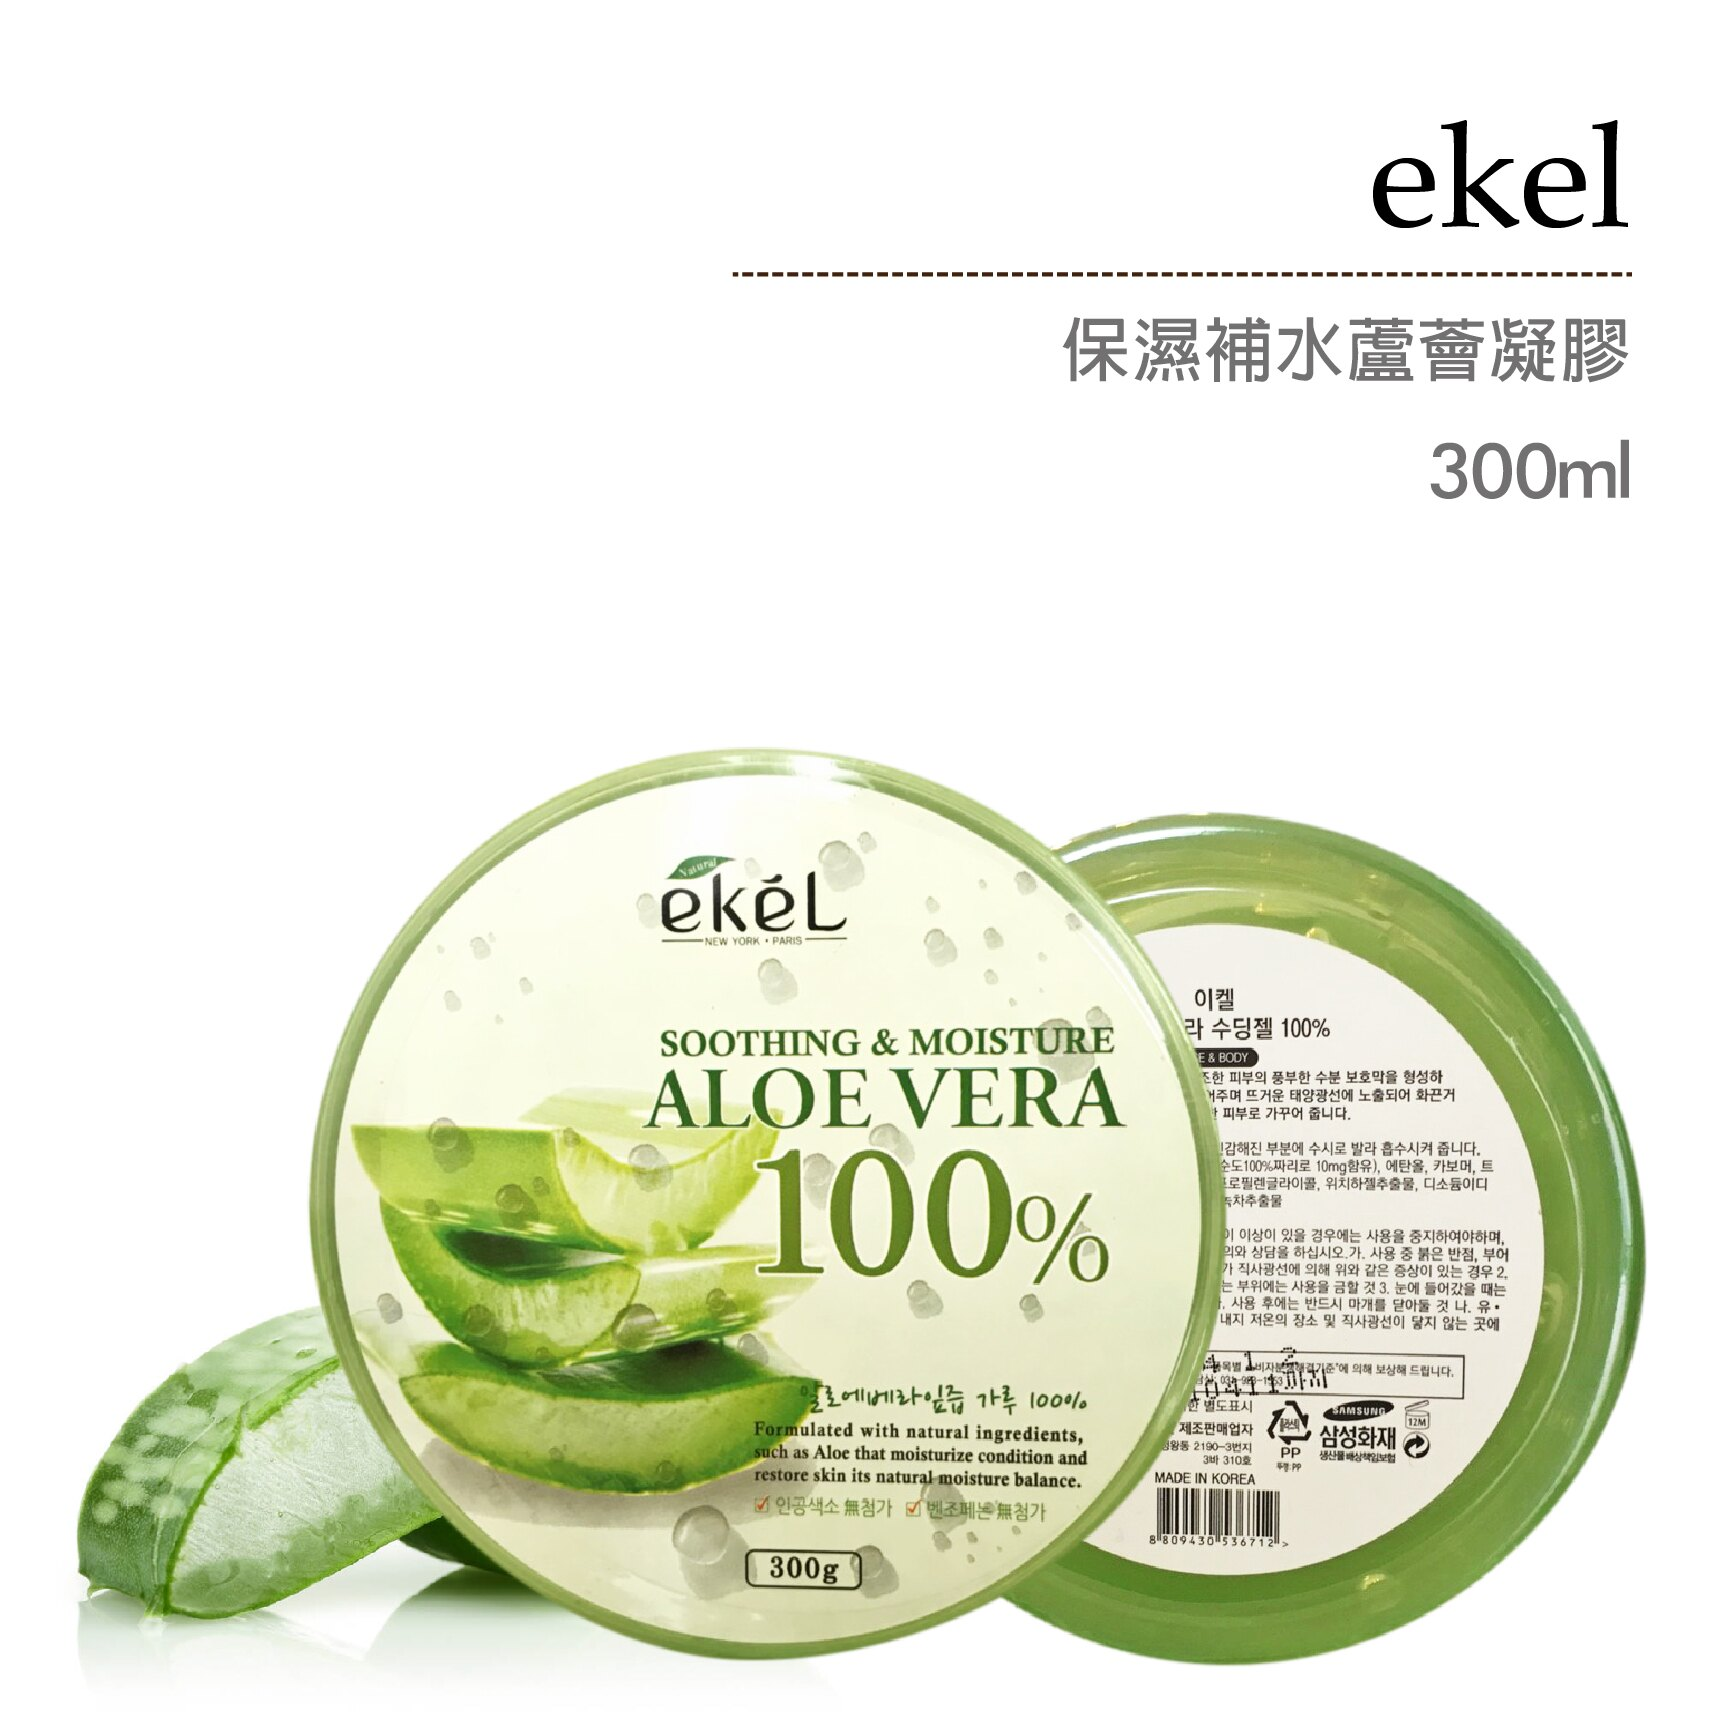 韓國 ekel 100%舒緩保濕補水蘆薈凝膠 300g